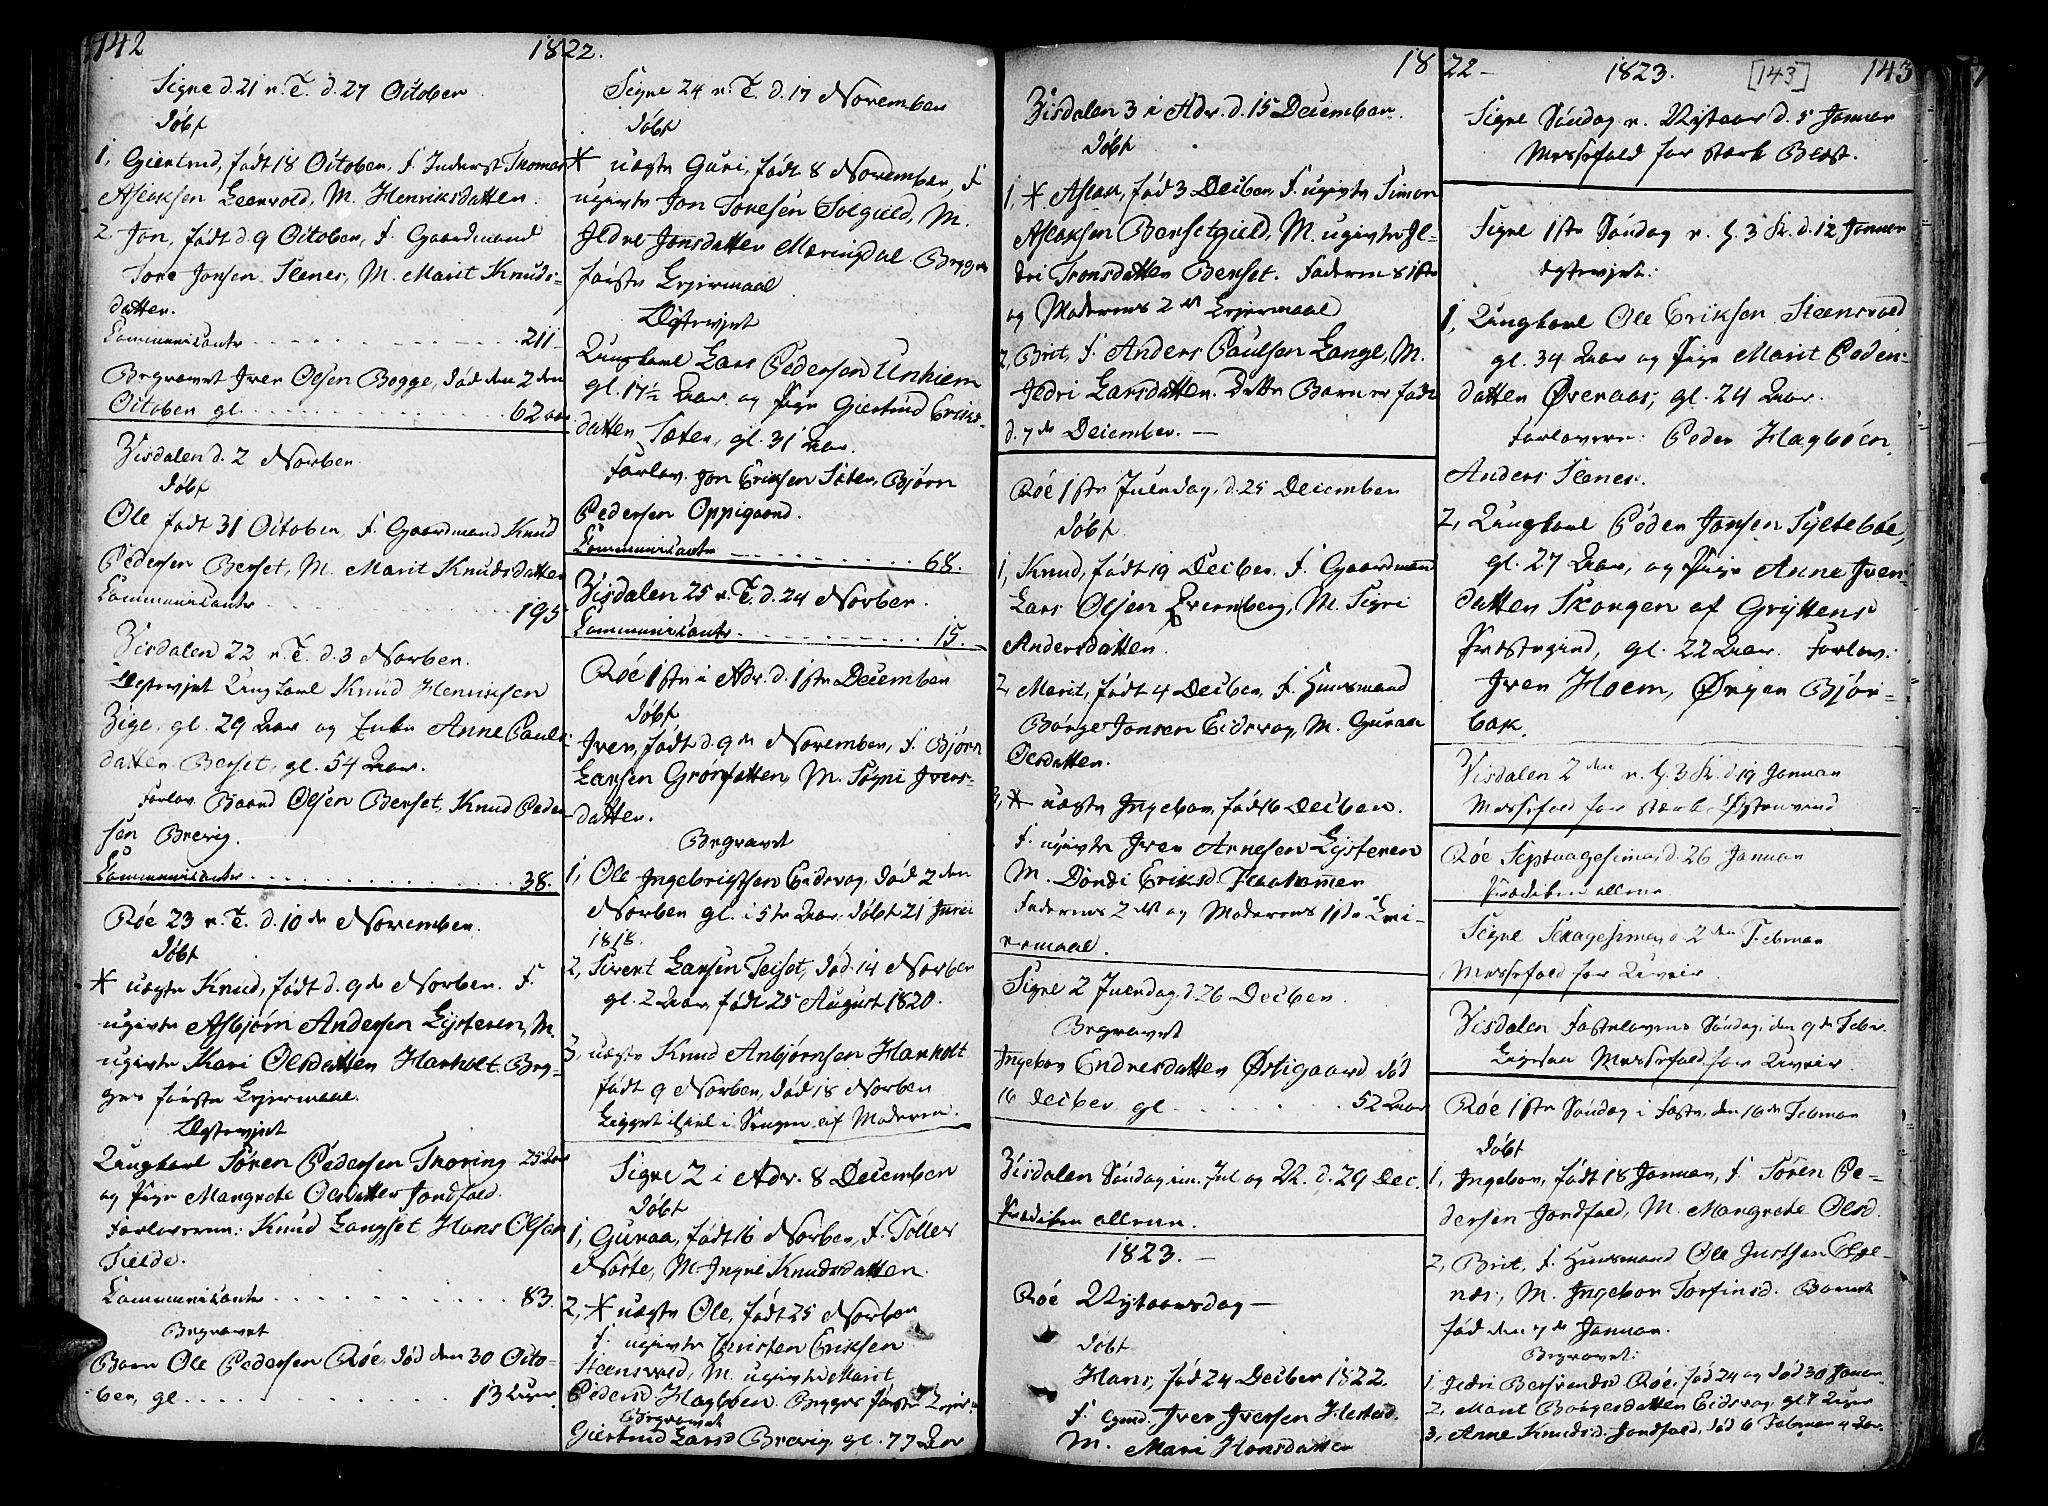 SAT, Ministerialprotokoller, klokkerbøker og fødselsregistre - Møre og Romsdal, 551/L0622: Ministerialbok nr. 551A02, 1804-1845, s. 142-143